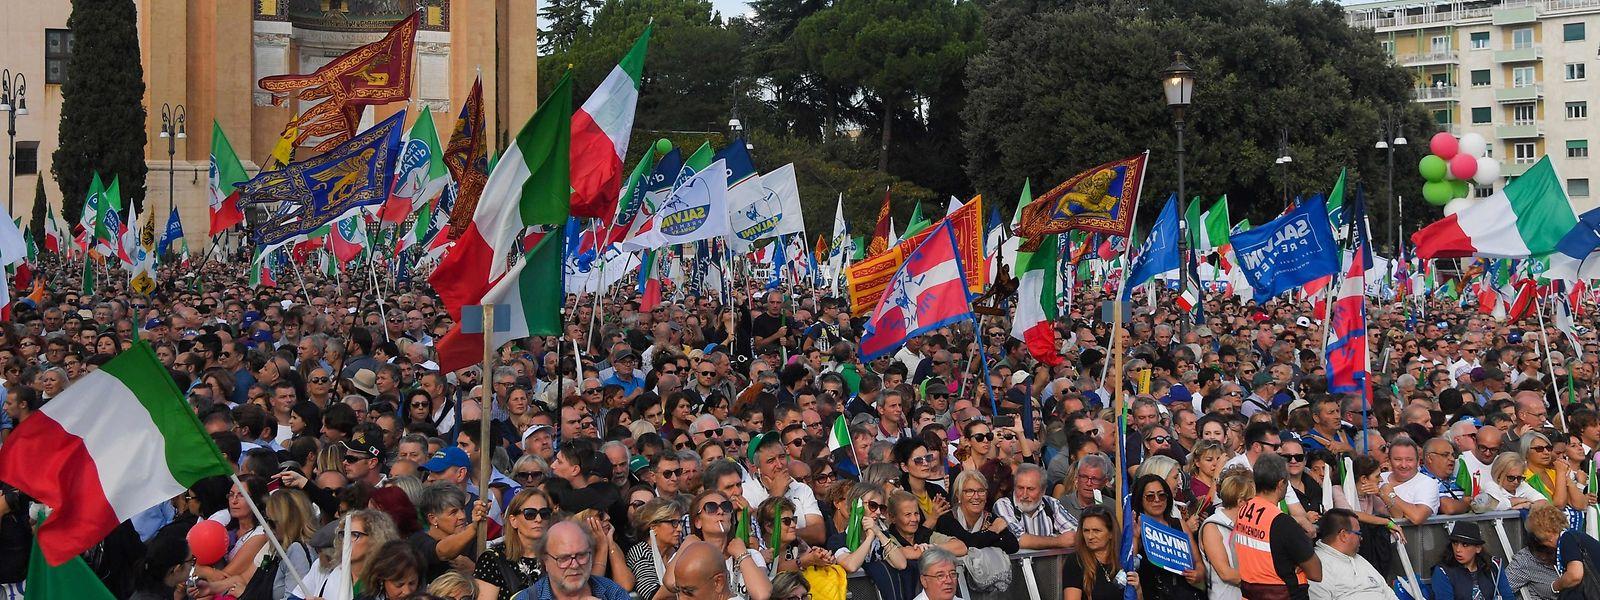 Teilnehmerzahlen lagen zunächst nicht vor, Salvini hatte vorab aber mit bis zu 200.000 Teilnehmern gerechnet.